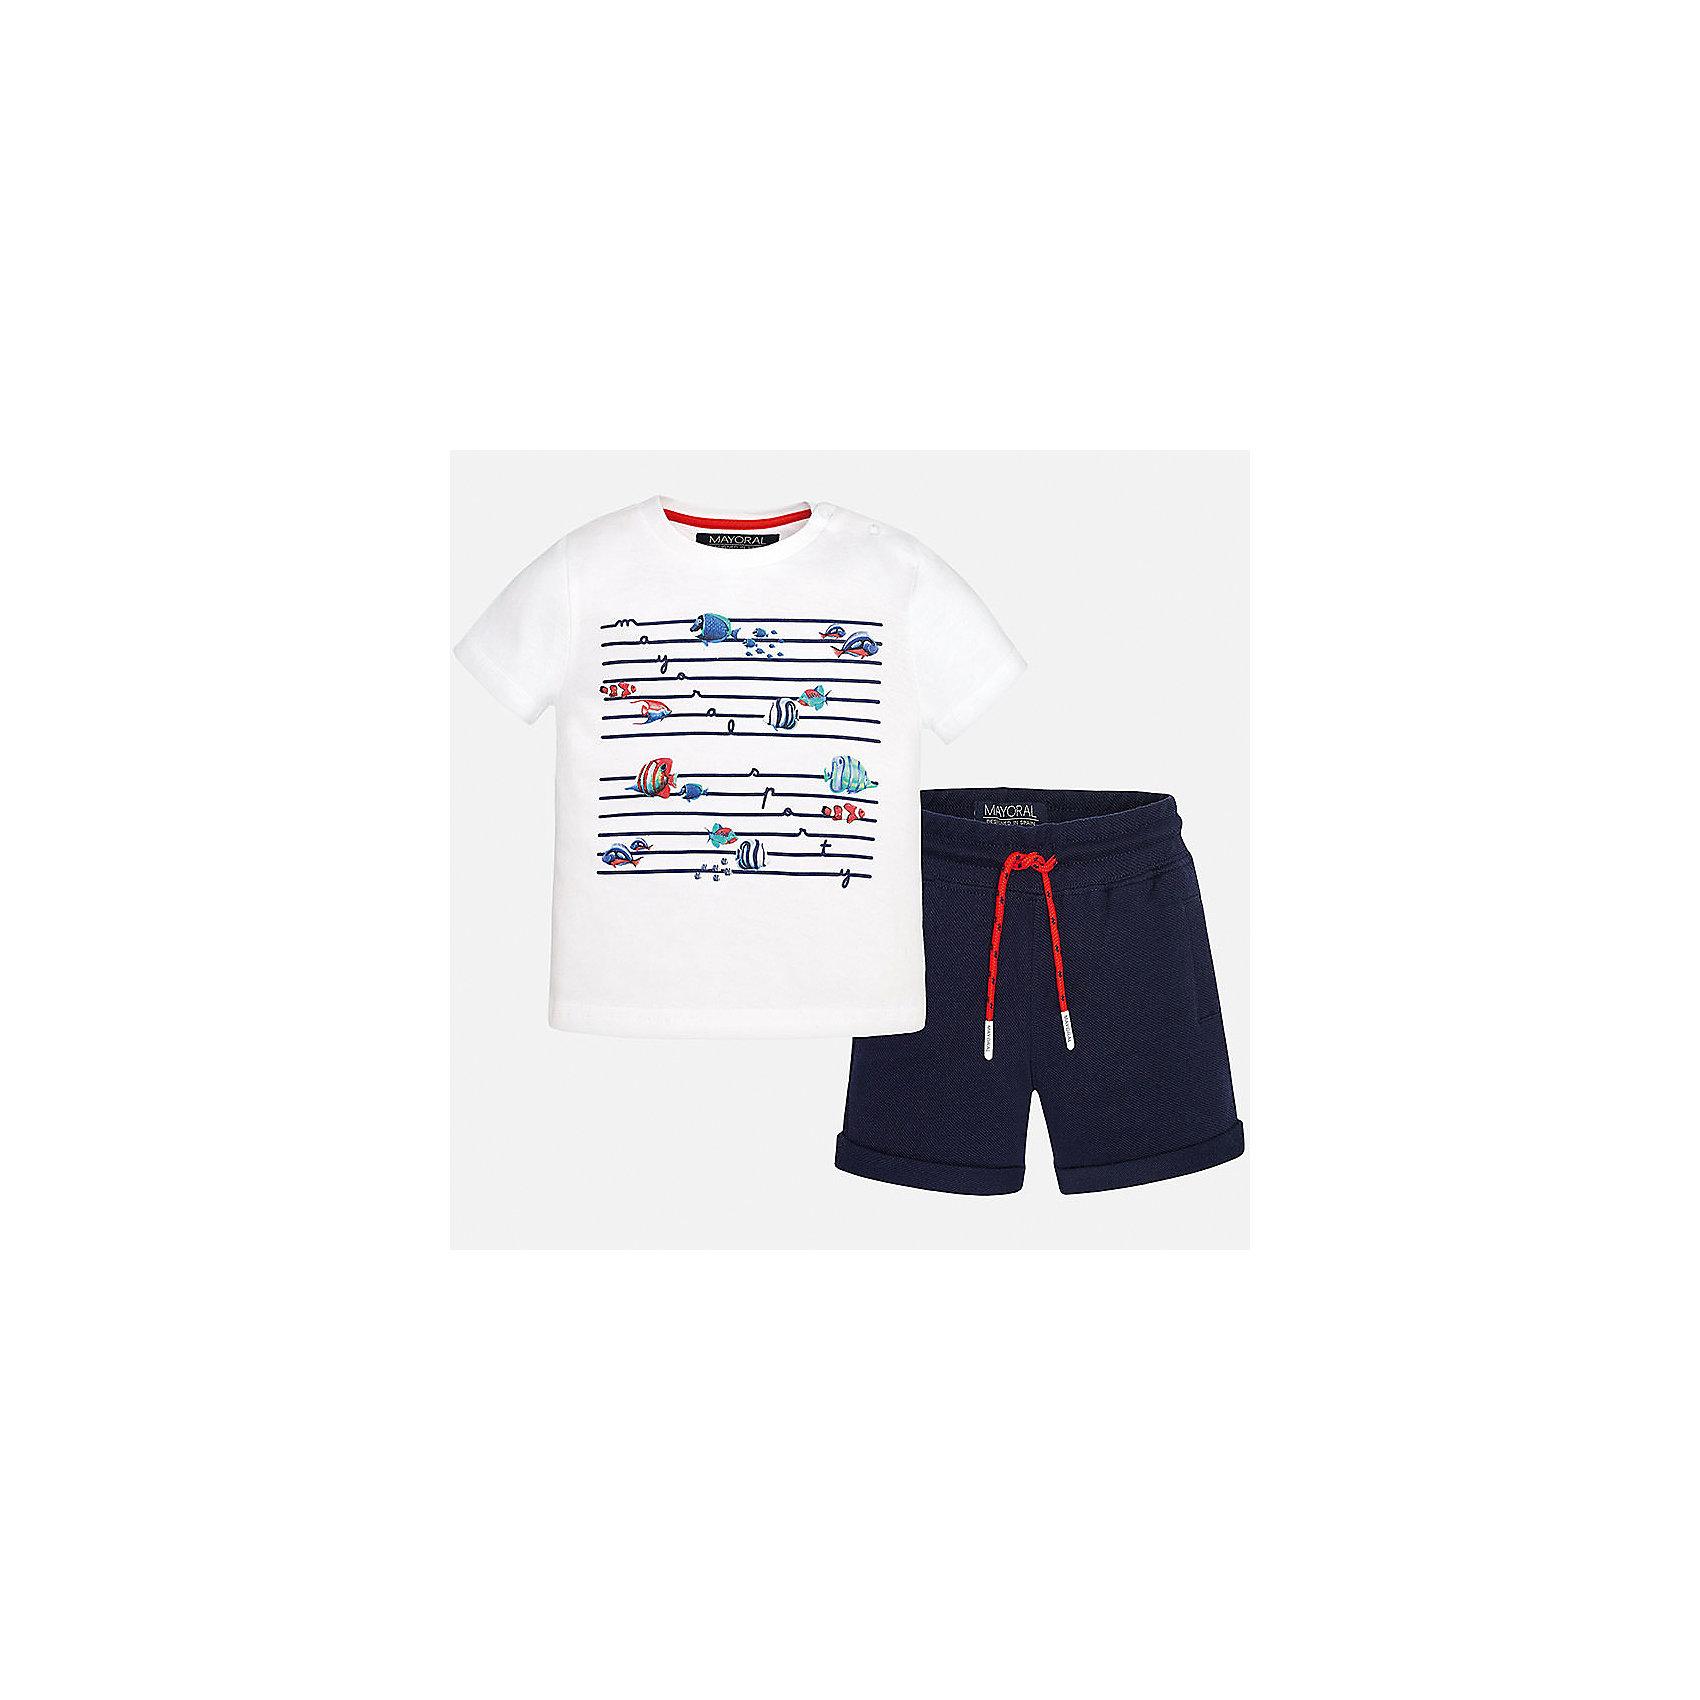 Комплект: футболка и шорты для мальчика MayoralКомплекты<br>Характеристики товара:<br><br>• цвет: белый/синий<br>• состав: футболка - 100% хлопок, шорты - 95% хлопок, 5% эластан<br>• комплектация: футболка, шорты<br>• футболка декорирована принтом<br>• короткие рукава<br>• шорты однотонные<br>• в поясе шнурок<br>• страна бренда: Испания<br><br>Красивый качественный комплект для мальчика поможет разнообразить гардероб ребенка и удобно одеться в теплую погоду. Он отлично сочетается с другими предметами. Универсальный цвет позволяет подобрать к вещам верхнюю одежду практически любой расцветки. Интересная отделка модели делает её нарядной и оригинальной. В составе материала - только натуральный хлопок, гипоаллергенный, приятный на ощупь, дышащий.<br><br>Одежда, обувь и аксессуары от испанского бренда Mayoral полюбились детям и взрослым по всему миру. Модели этой марки - стильные и удобные. Для их производства используются только безопасные, качественные материалы и фурнитура. Порадуйте ребенка модными и красивыми вещами от Mayoral! <br><br>Комплект для мальчика от испанского бренда Mayoral (Майорал) можно купить в нашем интернет-магазине.<br><br>Ширина мм: 215<br>Глубина мм: 88<br>Высота мм: 191<br>Вес г: 336<br>Цвет: синий<br>Возраст от месяцев: 12<br>Возраст до месяцев: 18<br>Пол: Мужской<br>Возраст: Детский<br>Размер: 80,92,86<br>SKU: 5279685